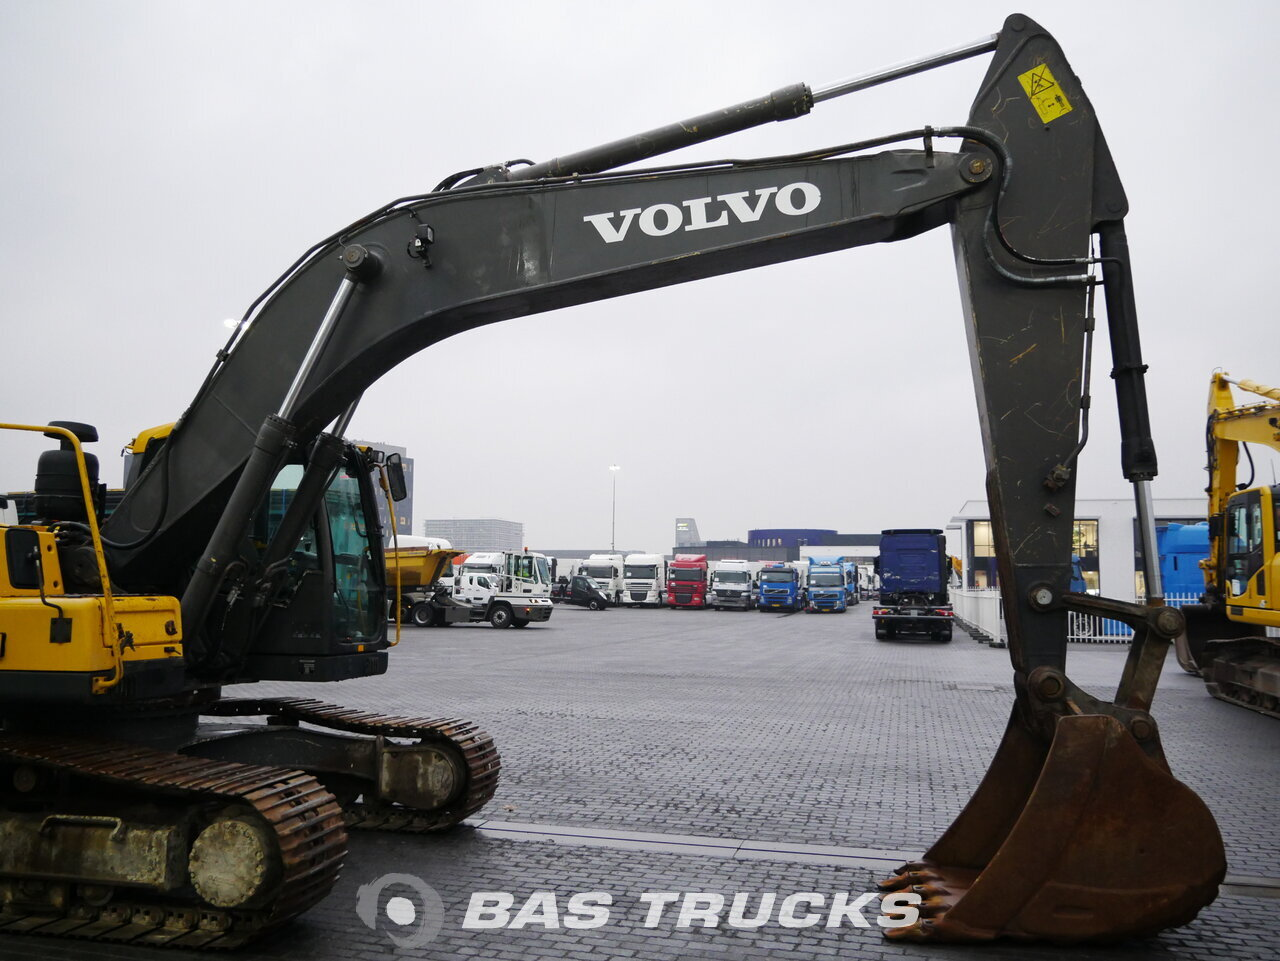 foto di Usato Macchine Movimento Terra Volvo EC240C L Track 2012